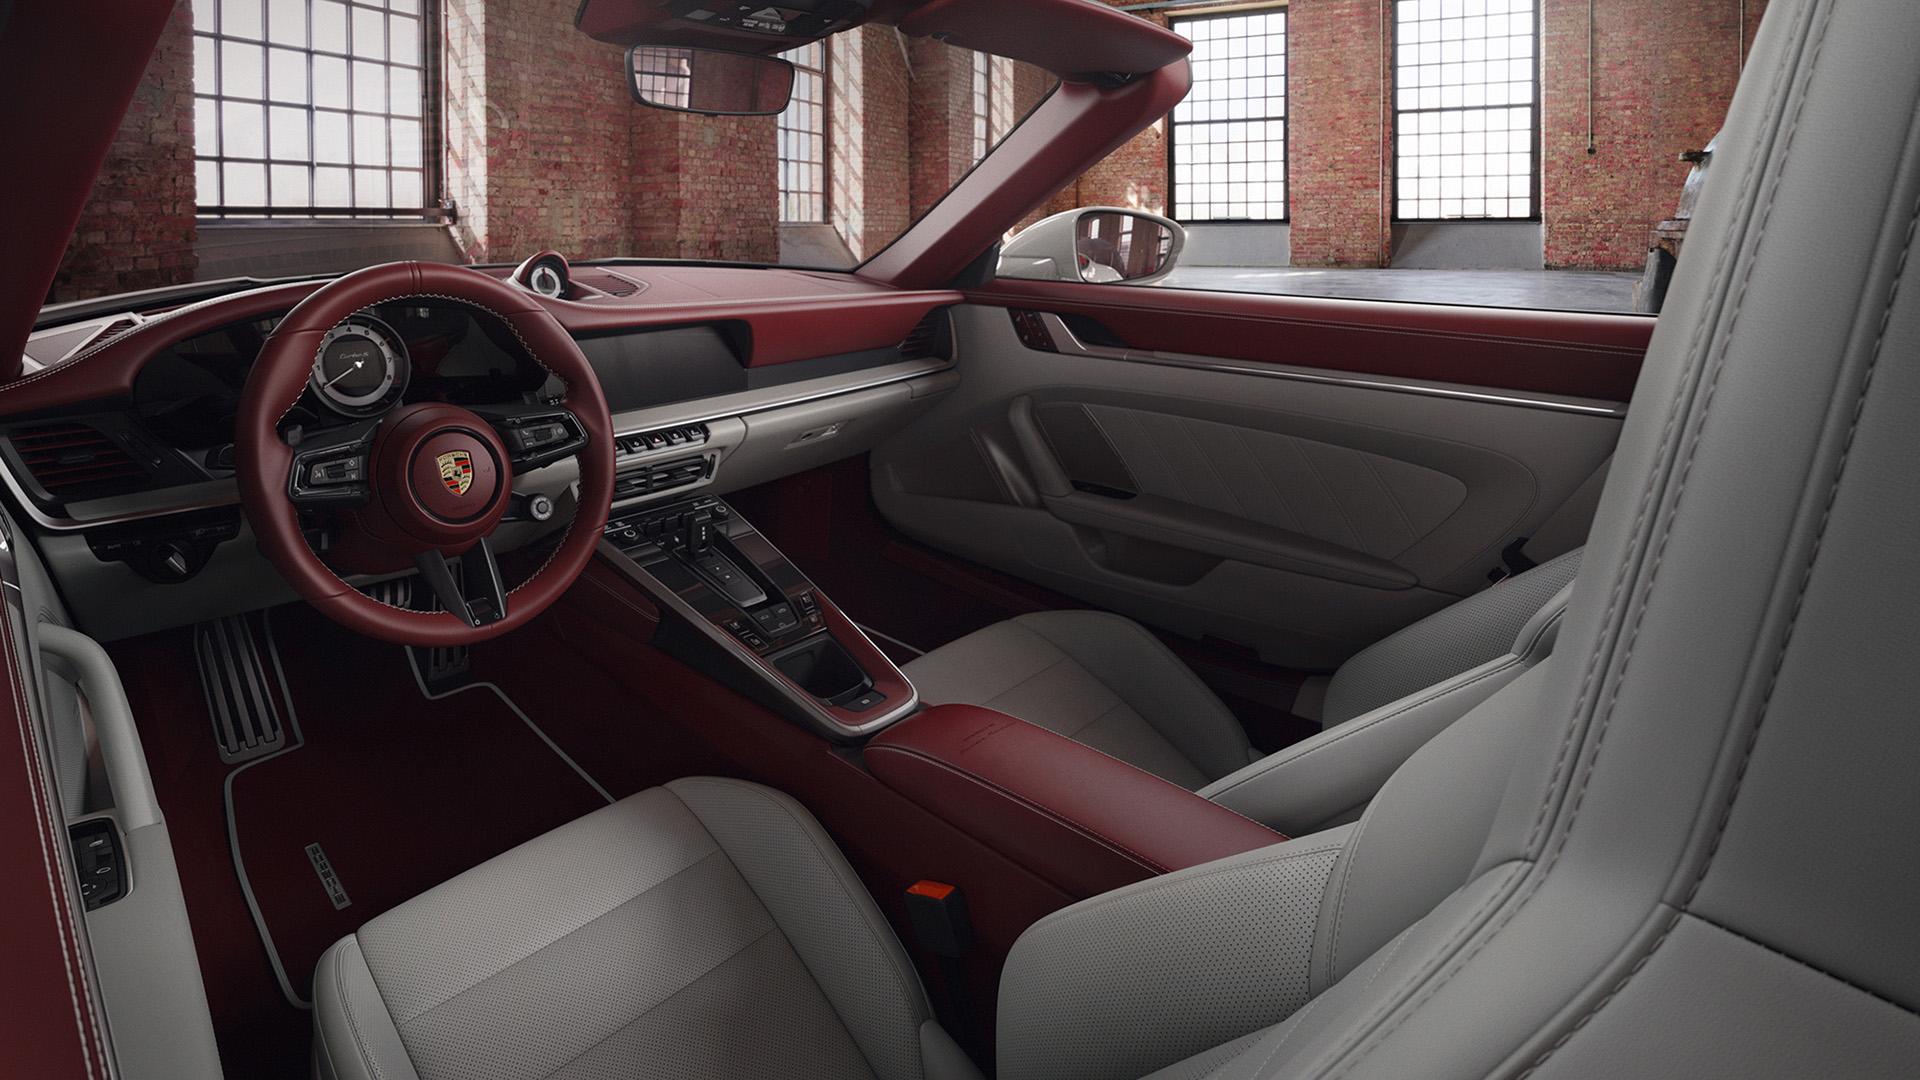 Porsche 911 exlusive